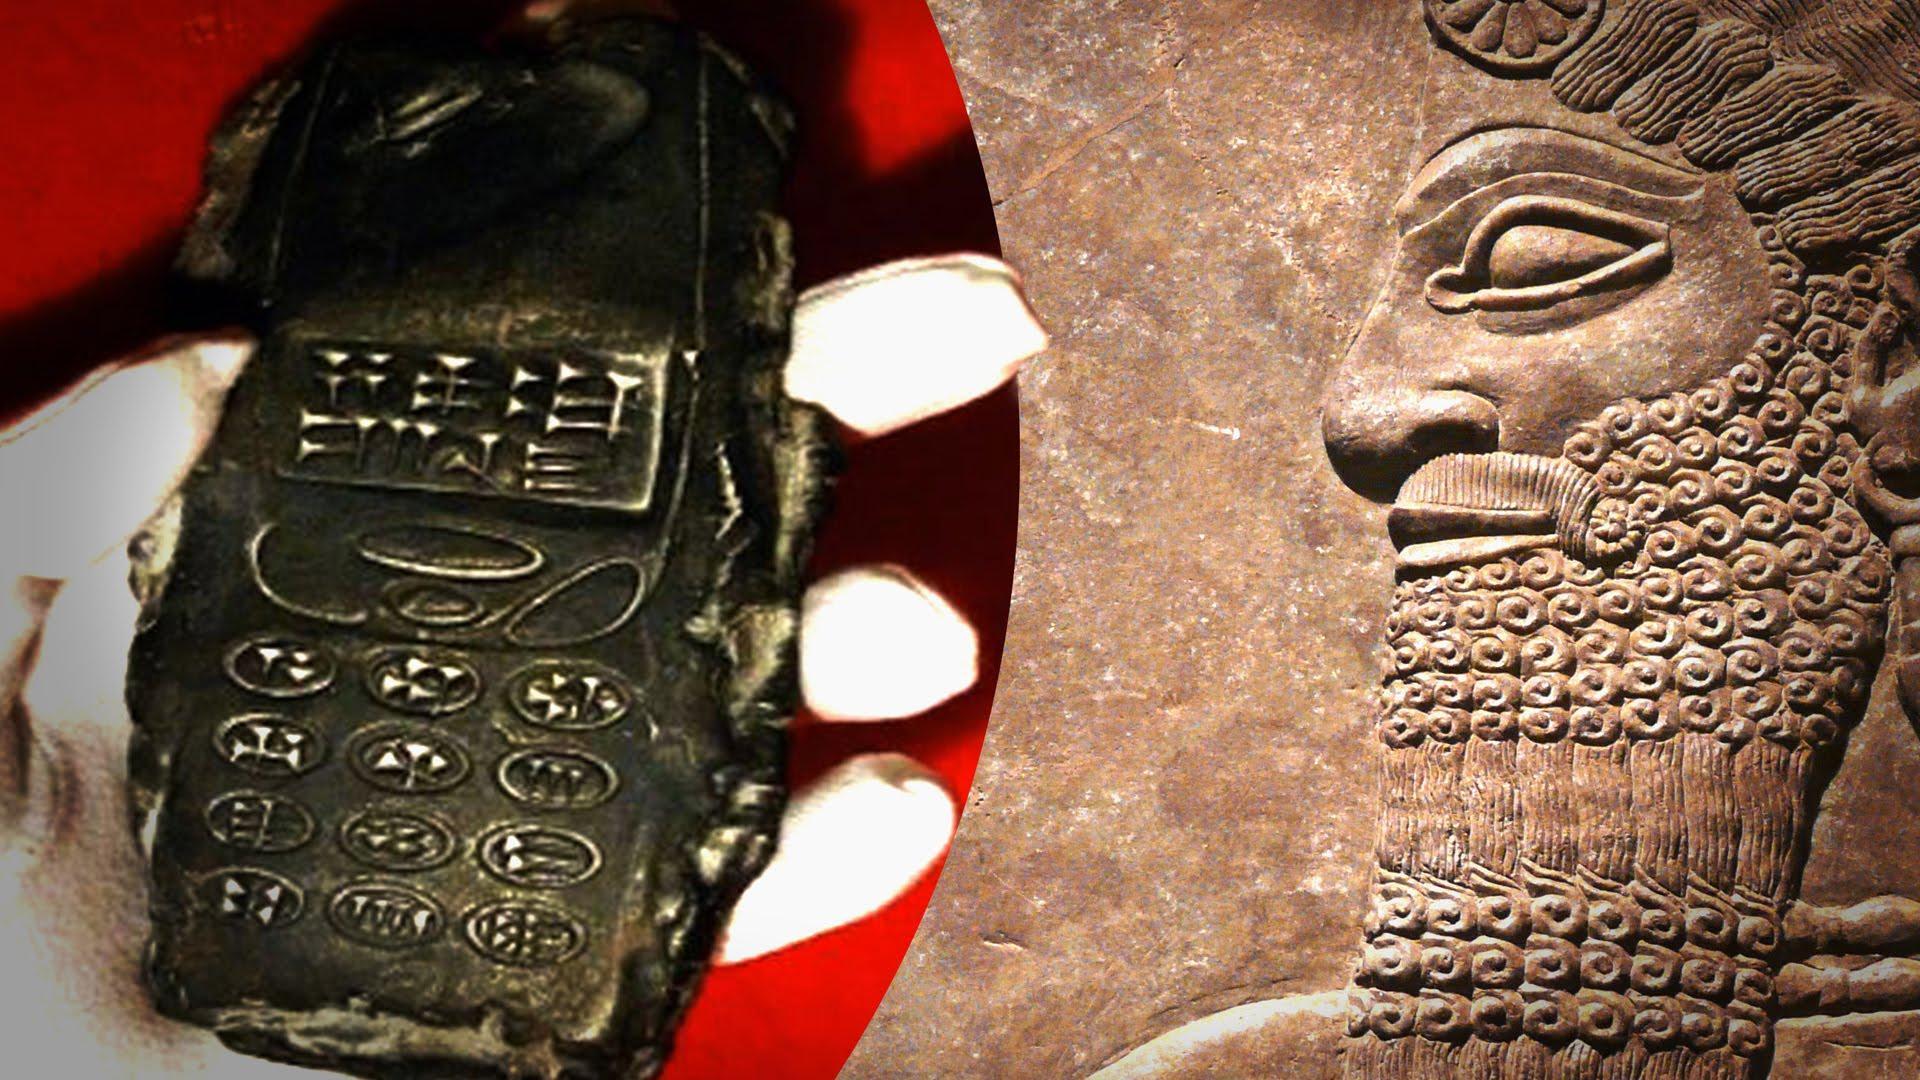 фото найденного телефона из прошлого пару